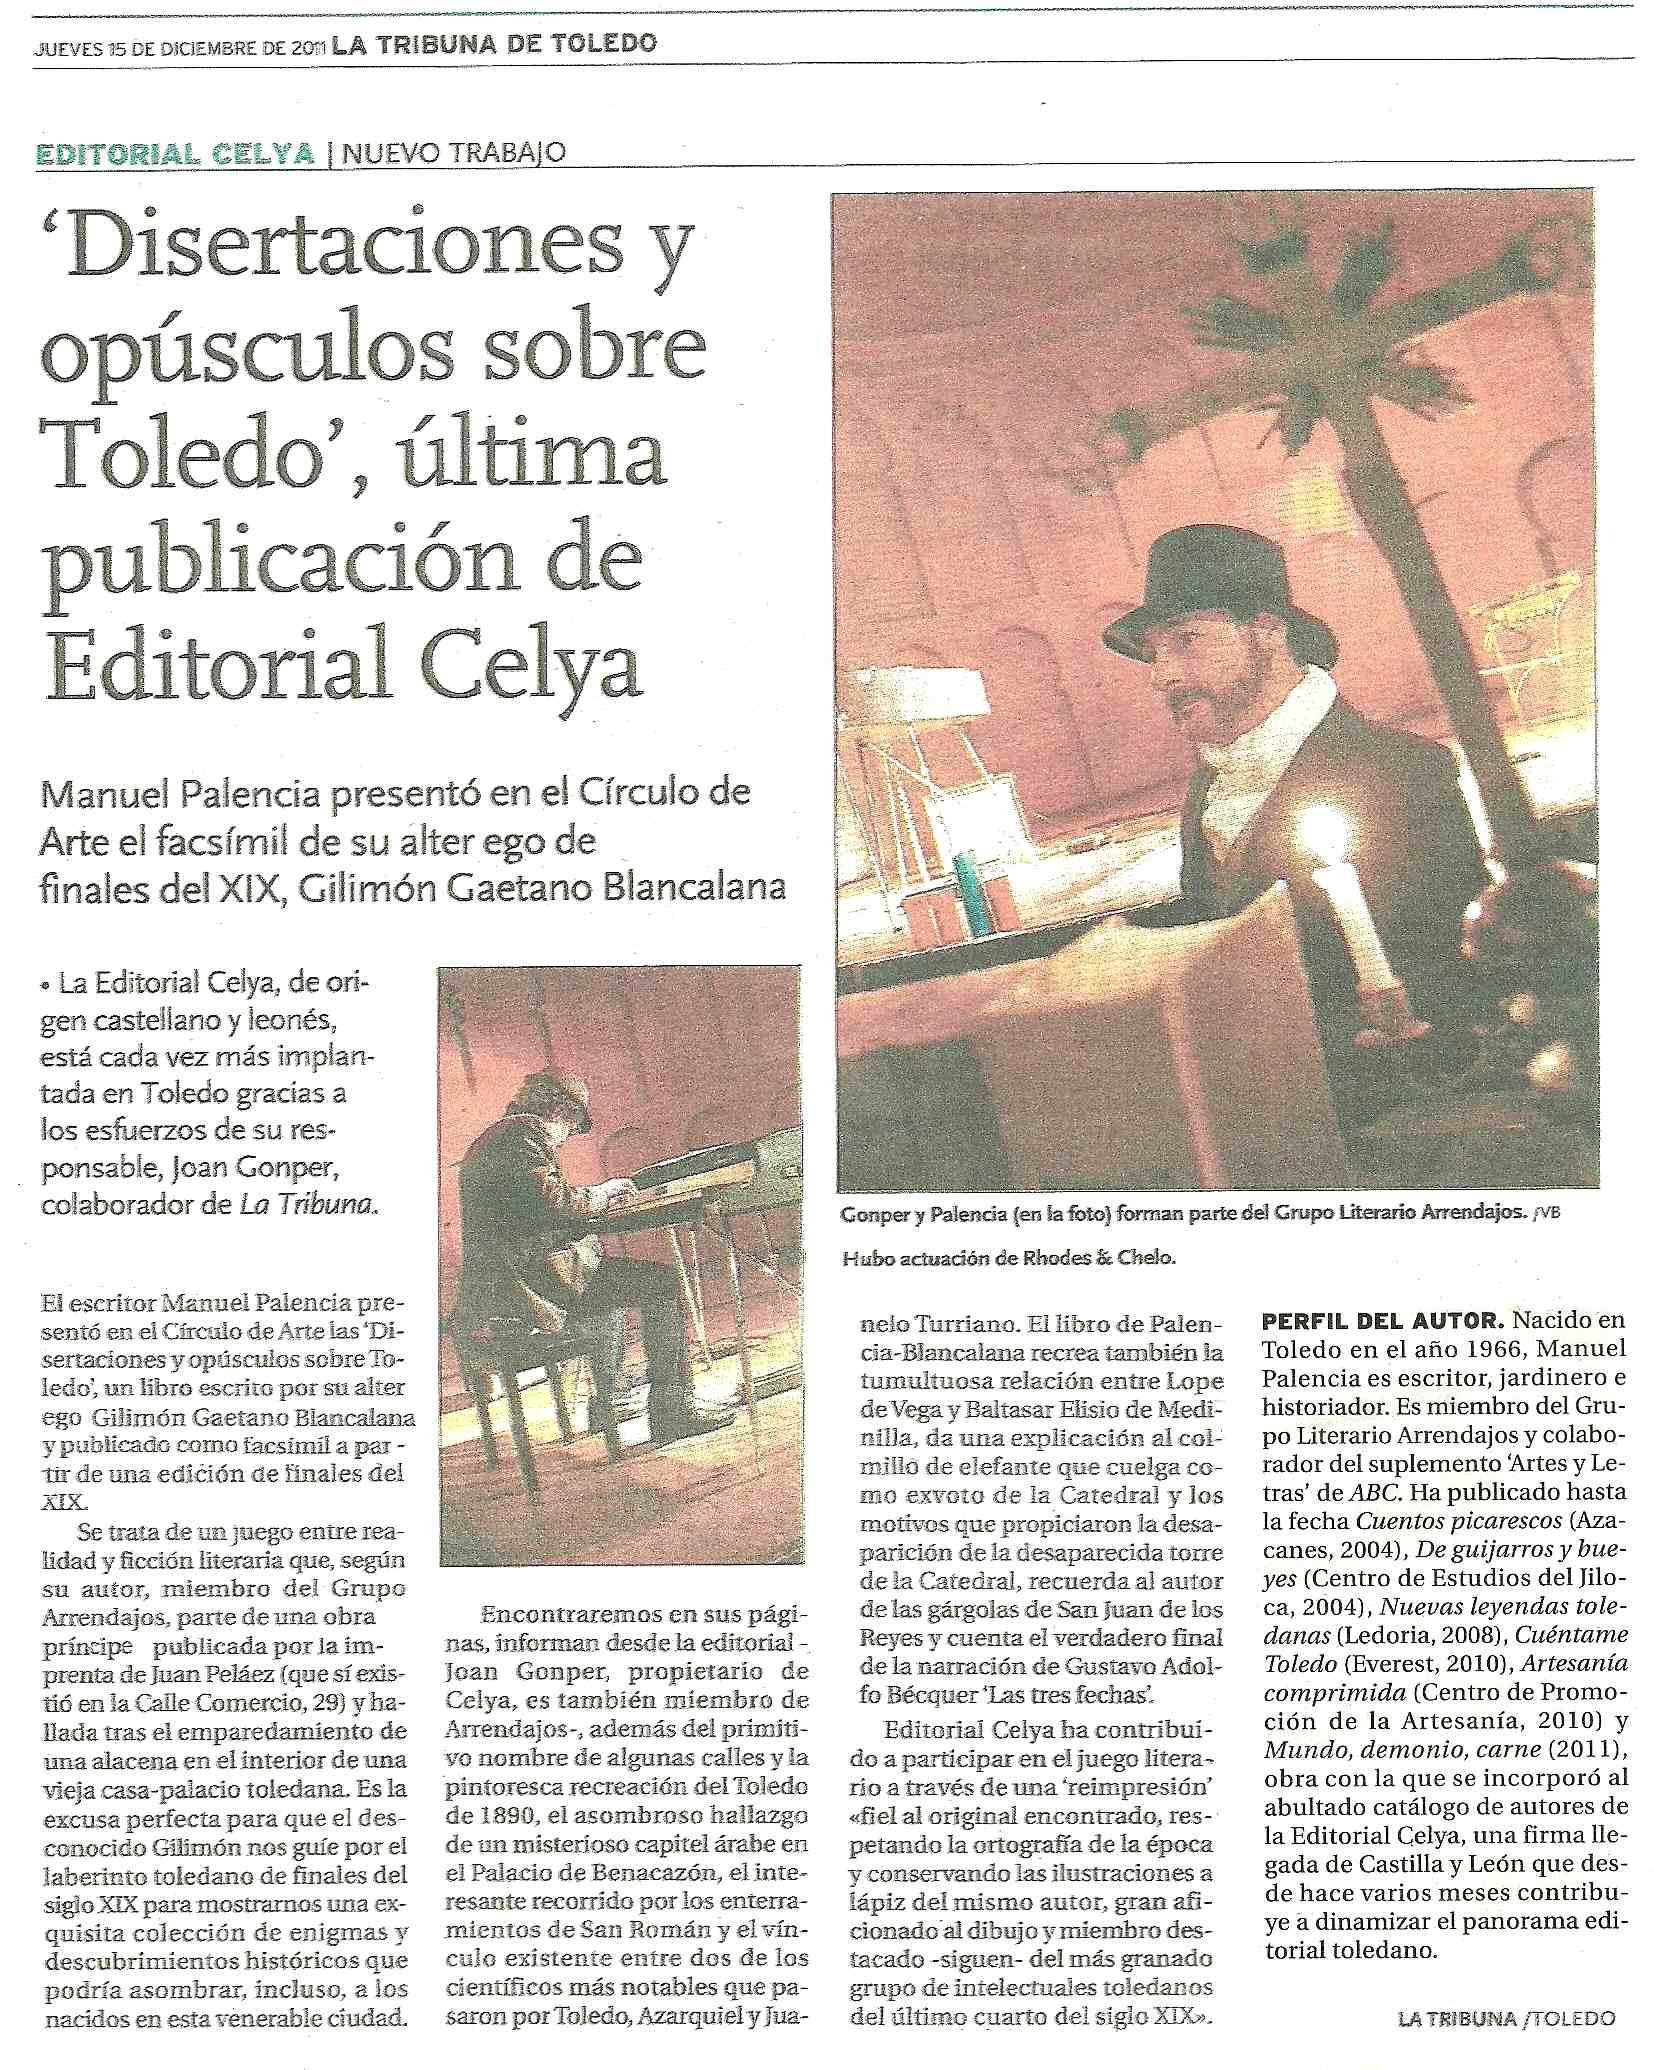 LA TRIBUNA DE TOLEDO: Presentación de 'Disertaciones y opúsculos sobre Toledo'.